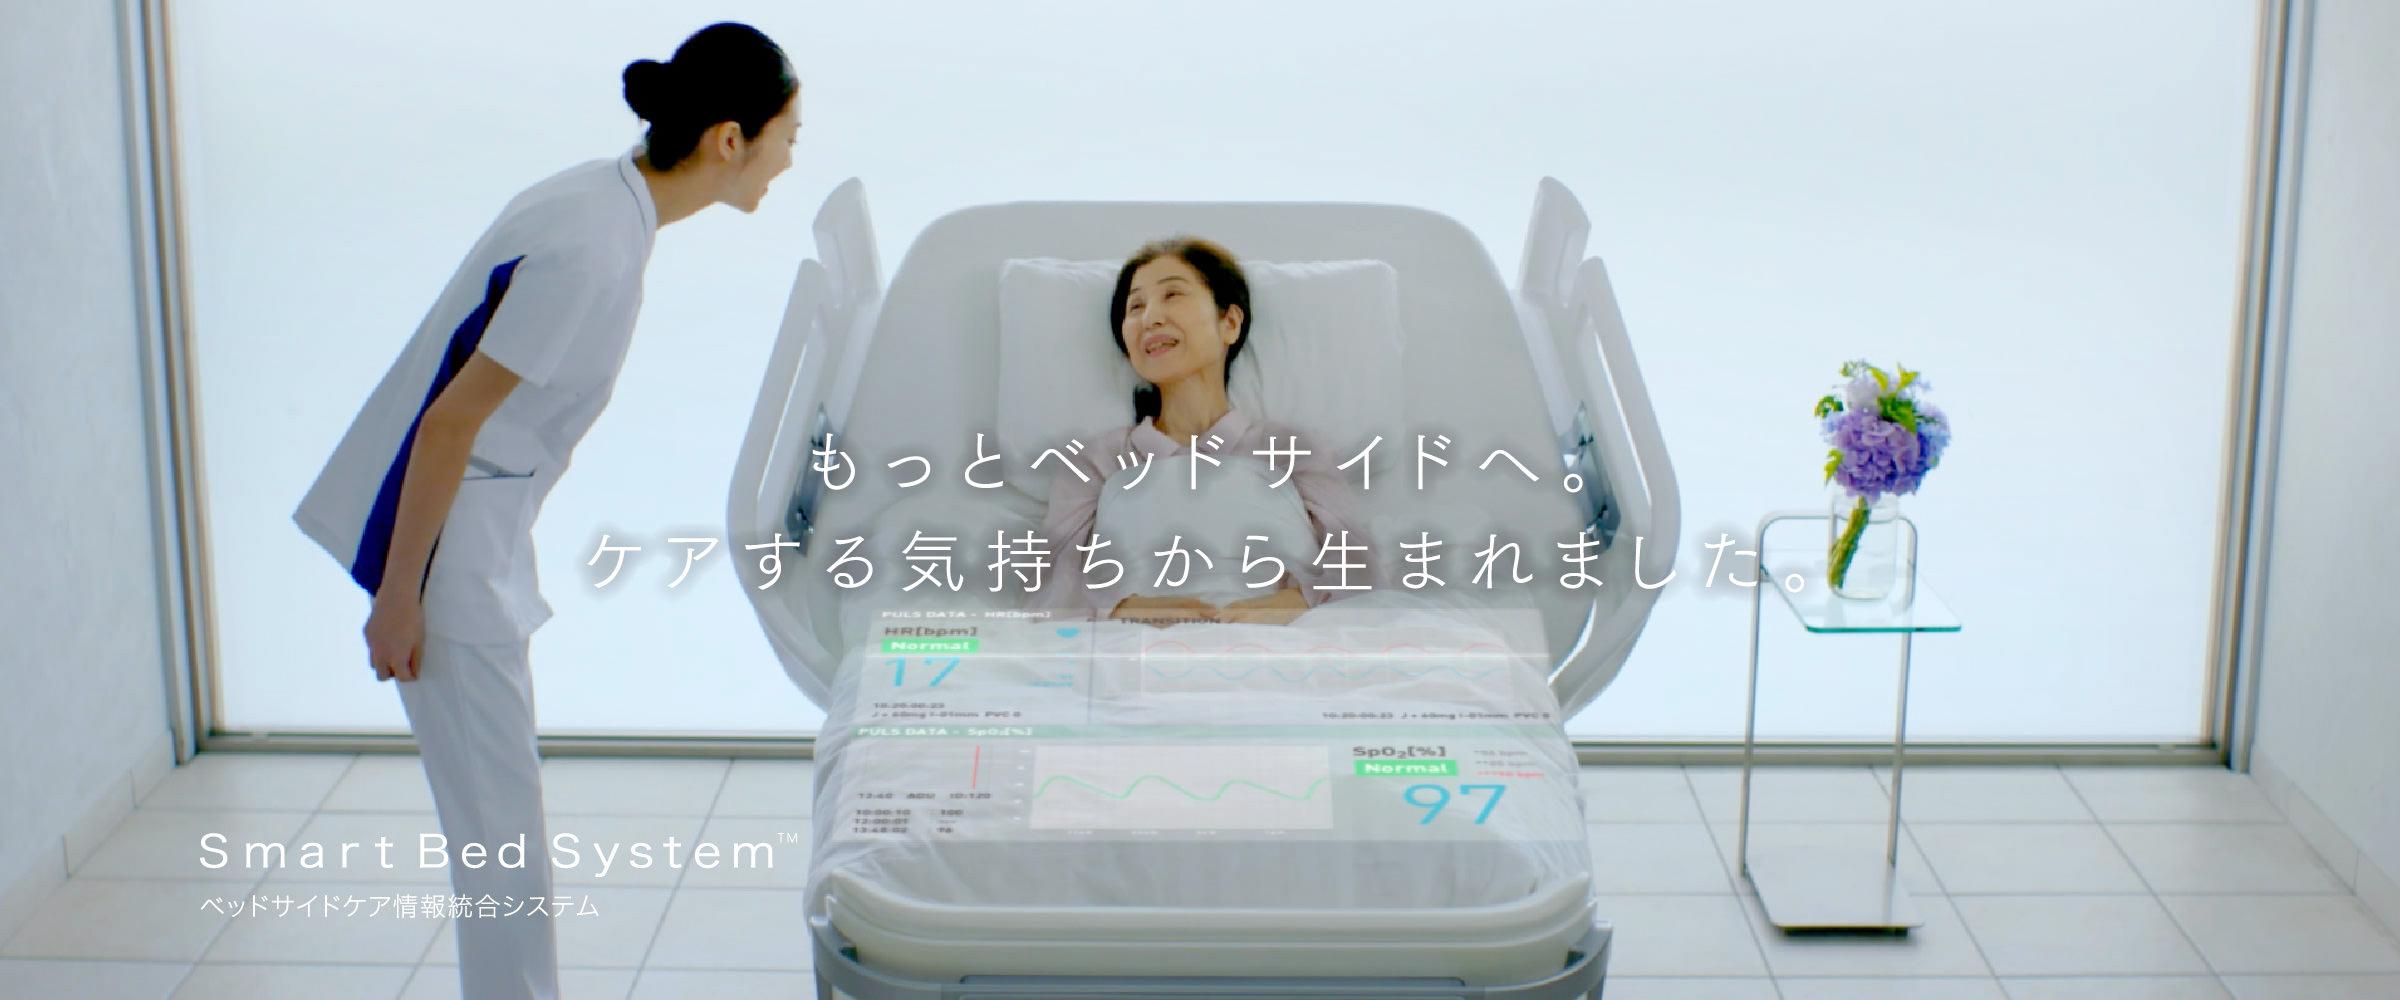 【 組込み系エンジニア 】